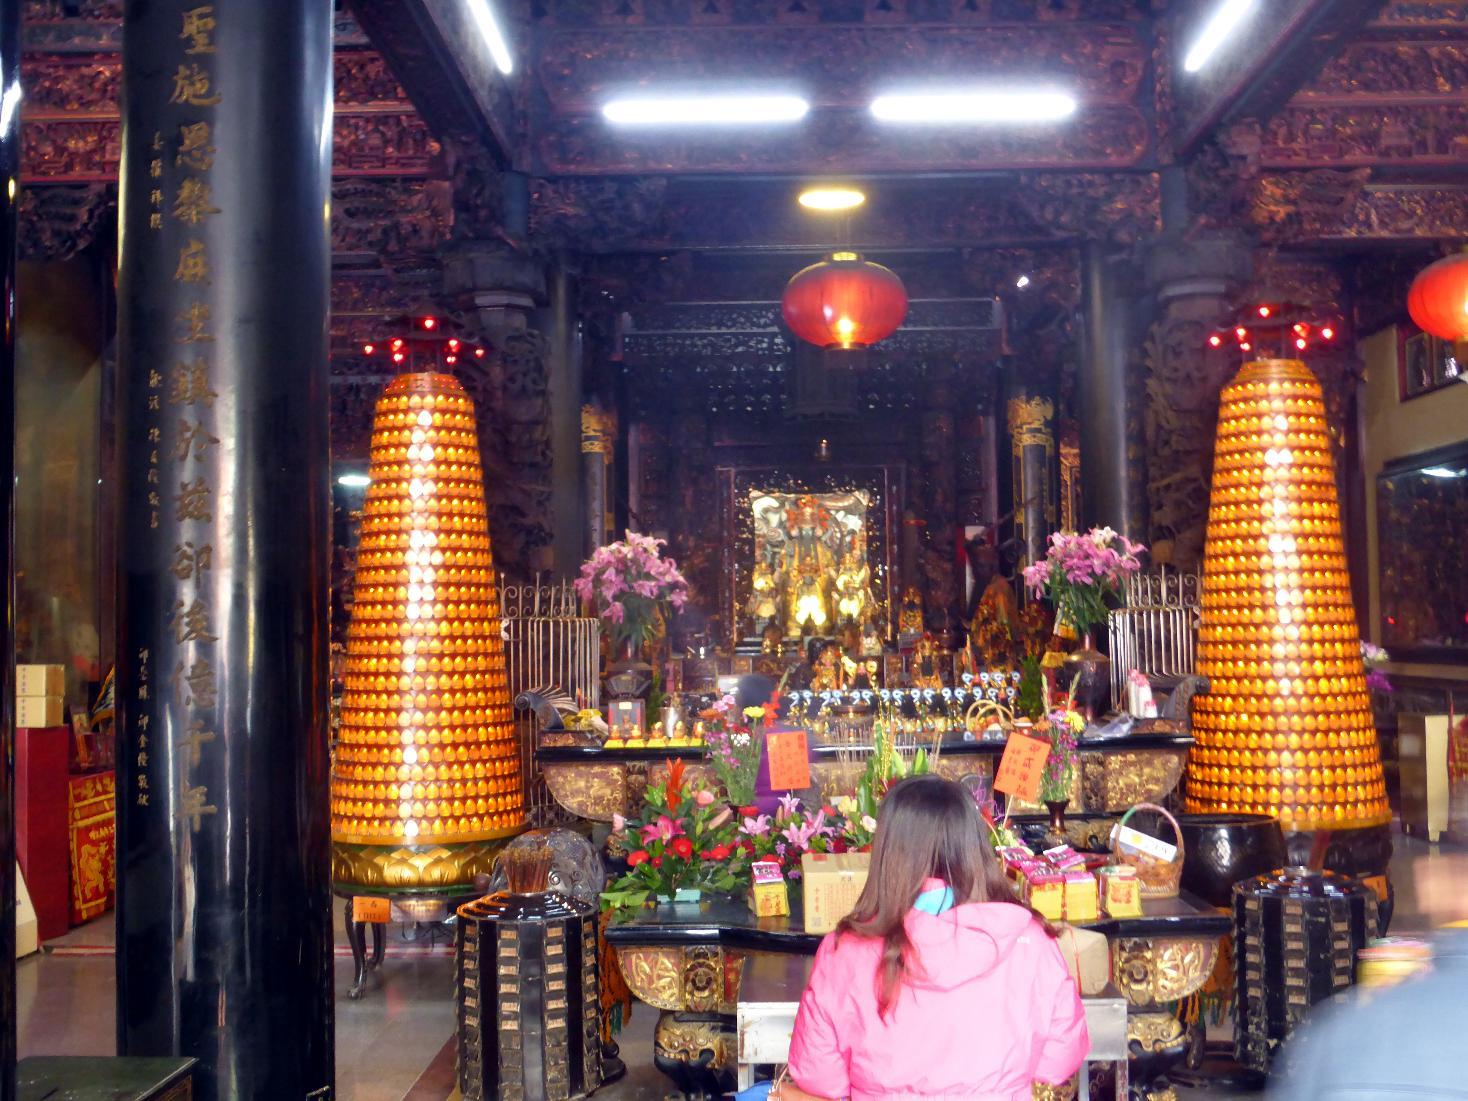 Chinesisch Taipeh